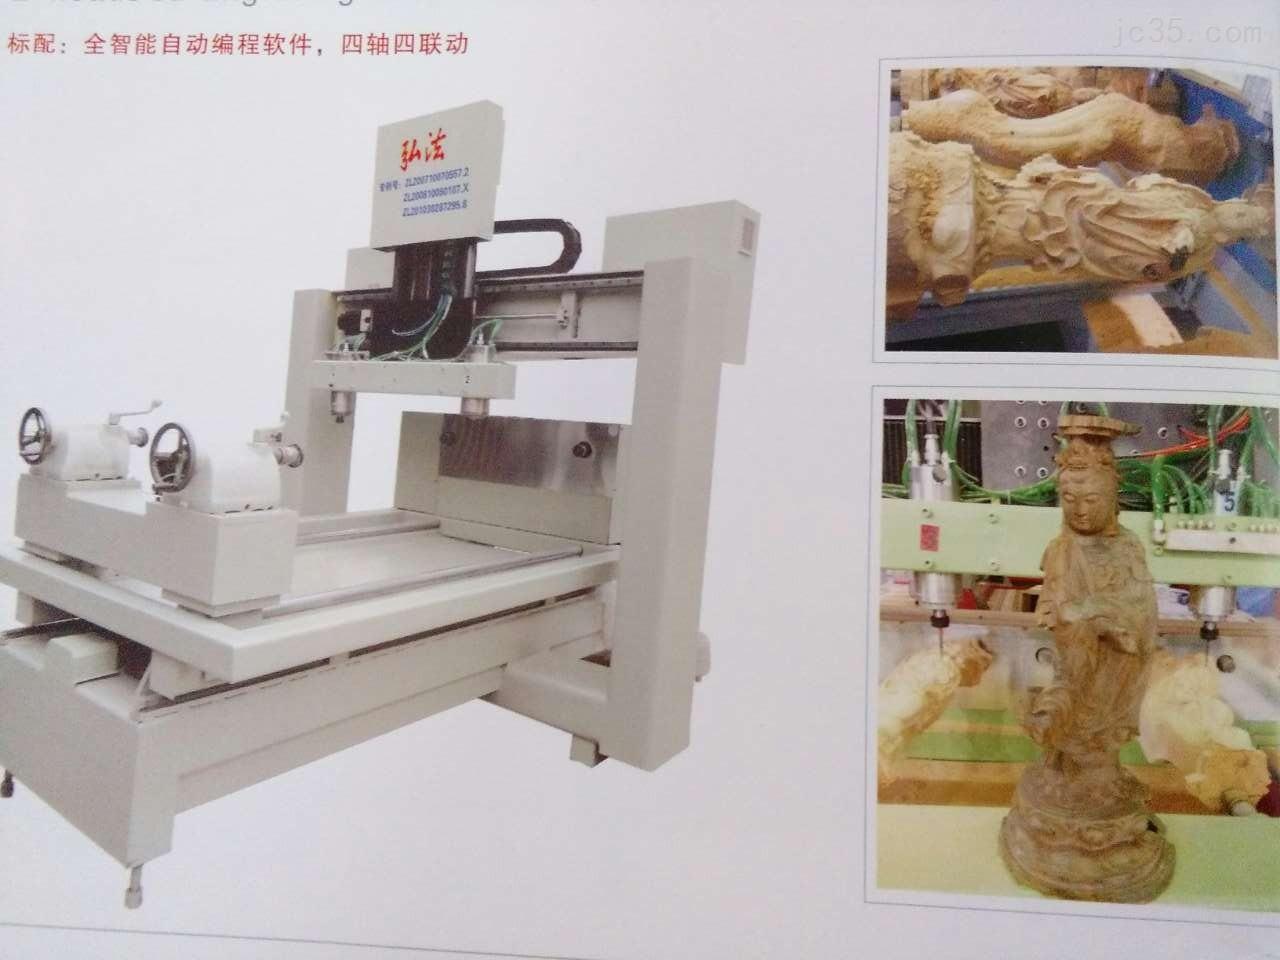 首页 产品报价 > 2头三维立体雕刻机  产品型号: xz-20080-2 产品价格